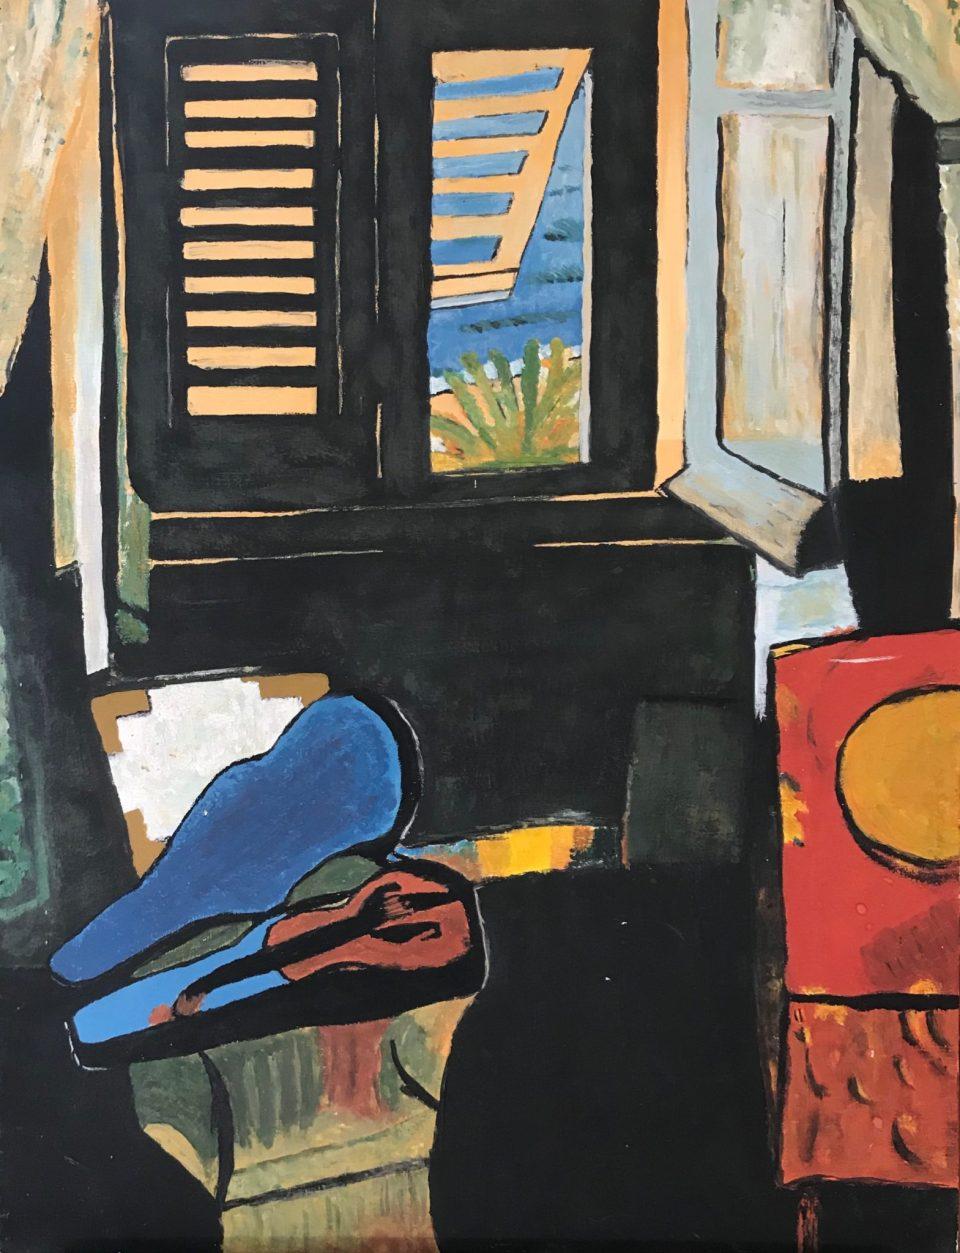 Reproduction d'après Henri Matisse, Intérieur au violon